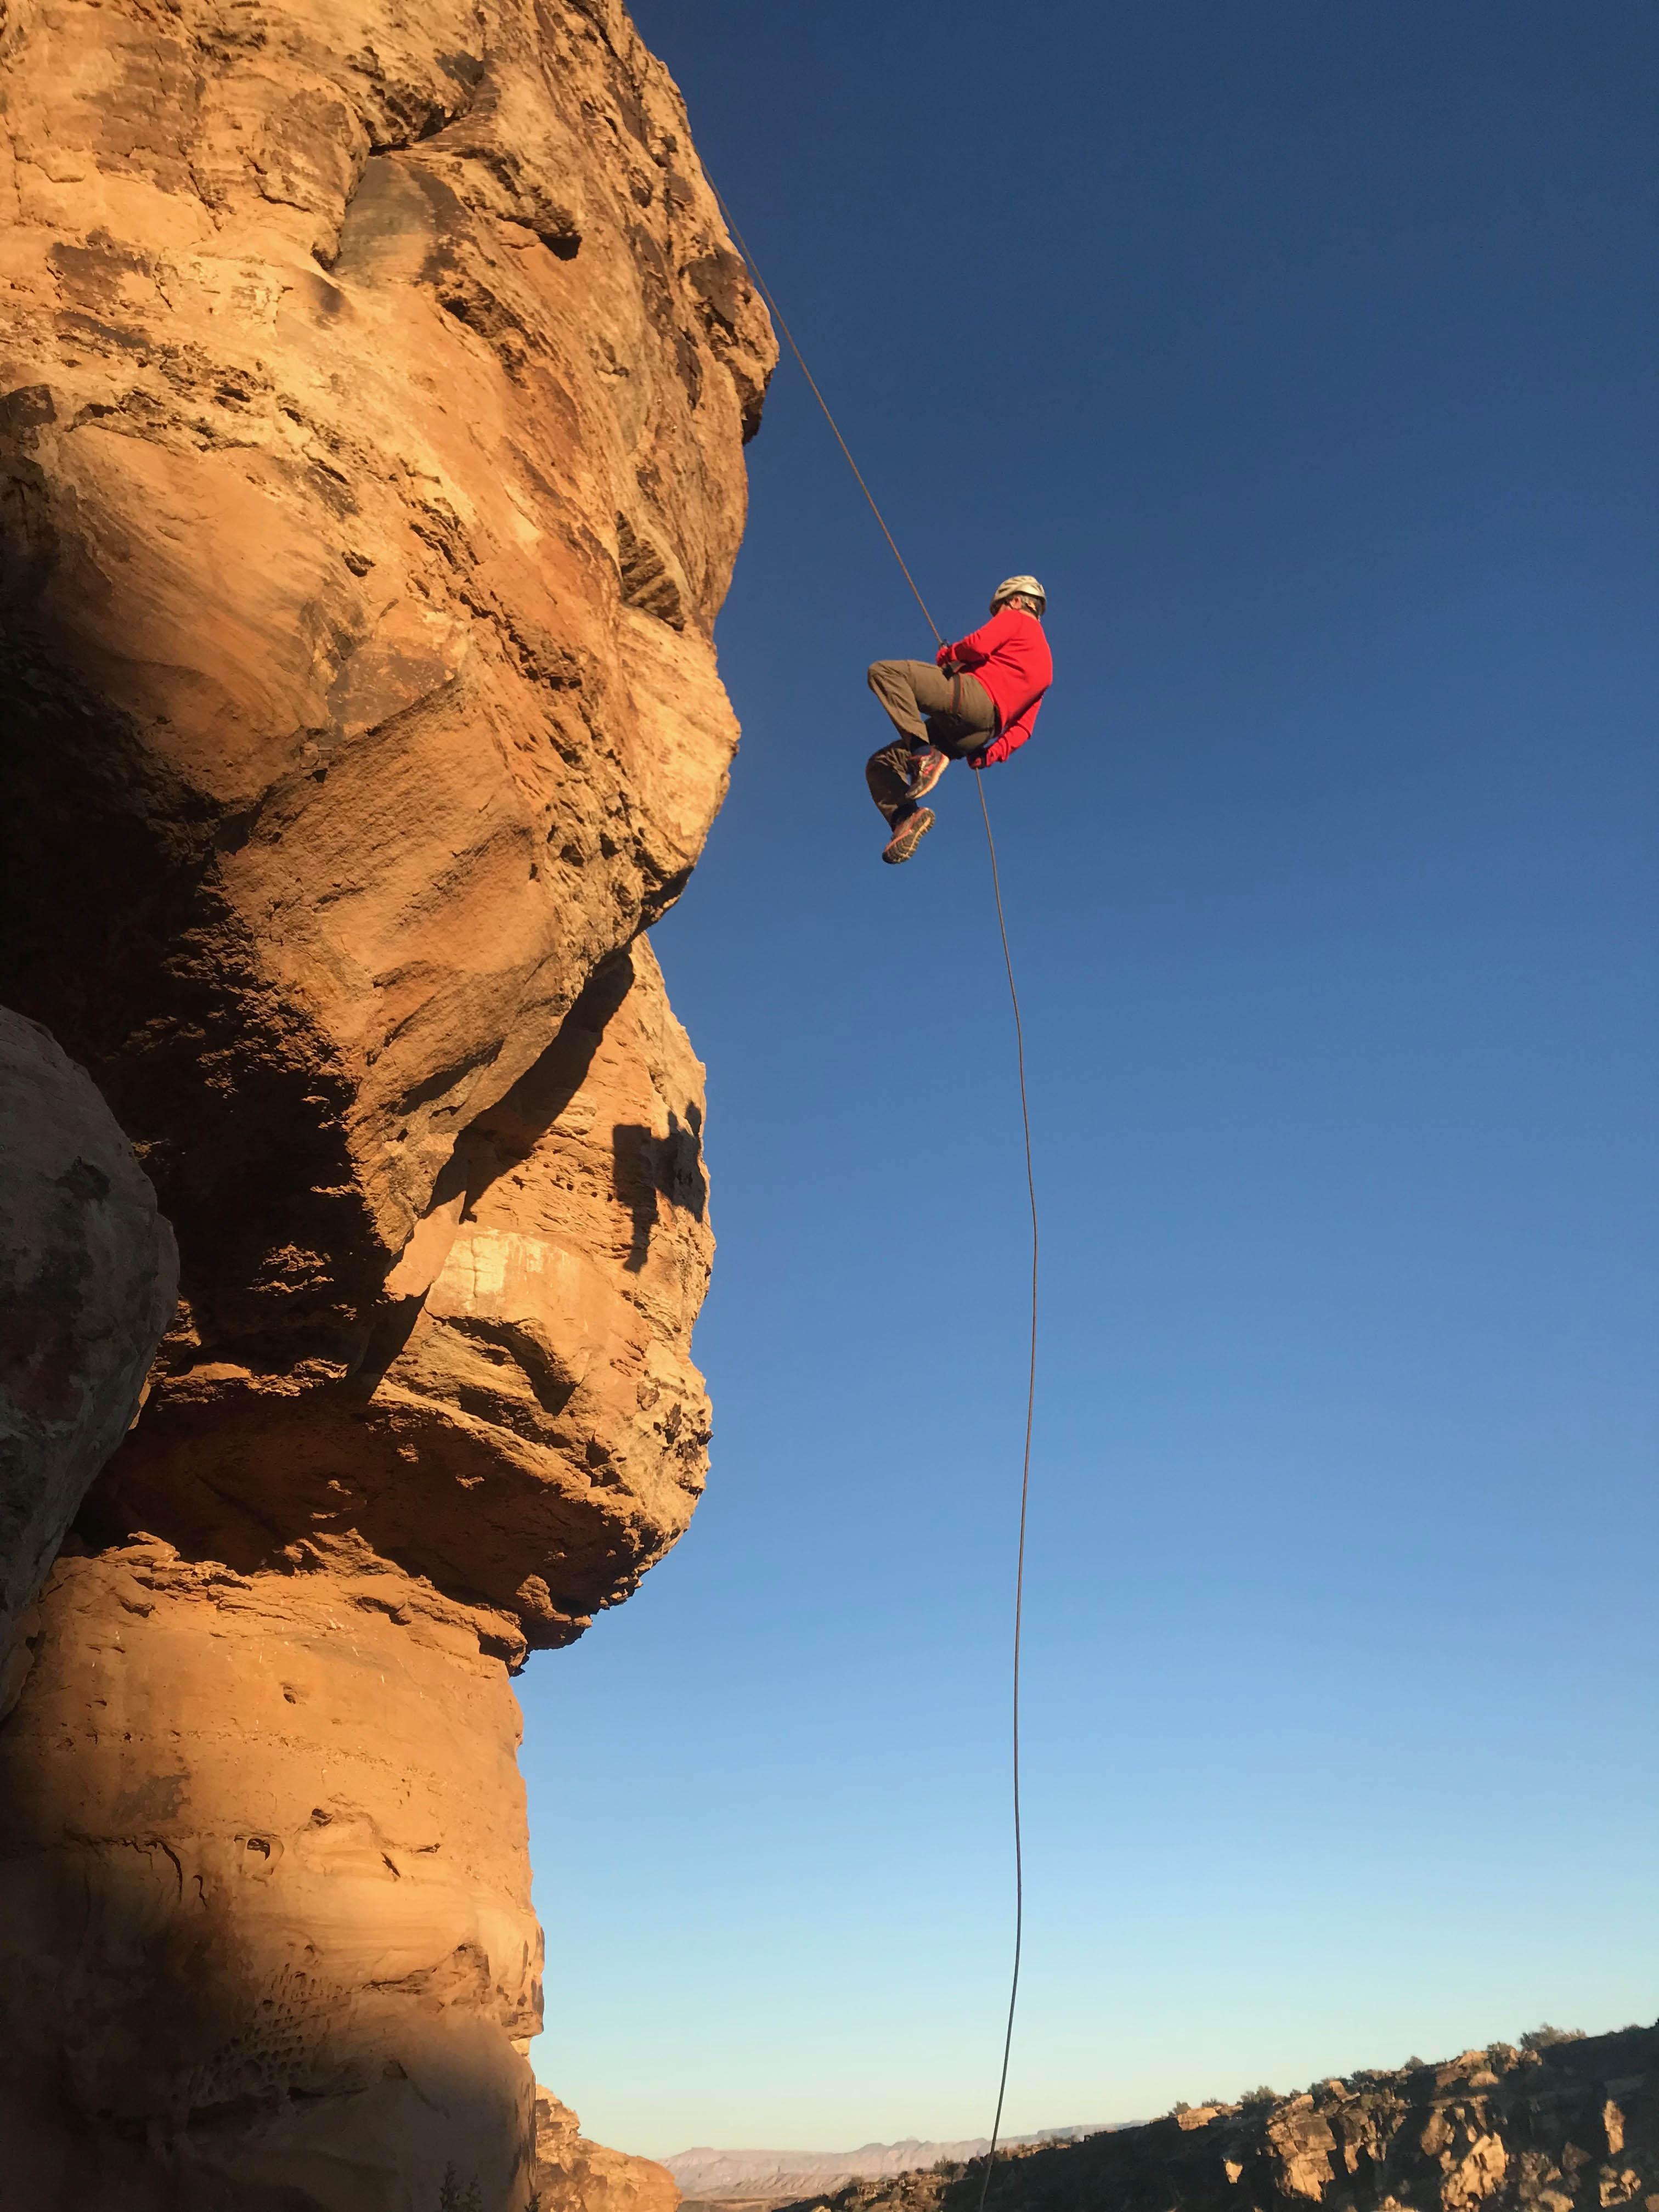 Zion Rock Climbing